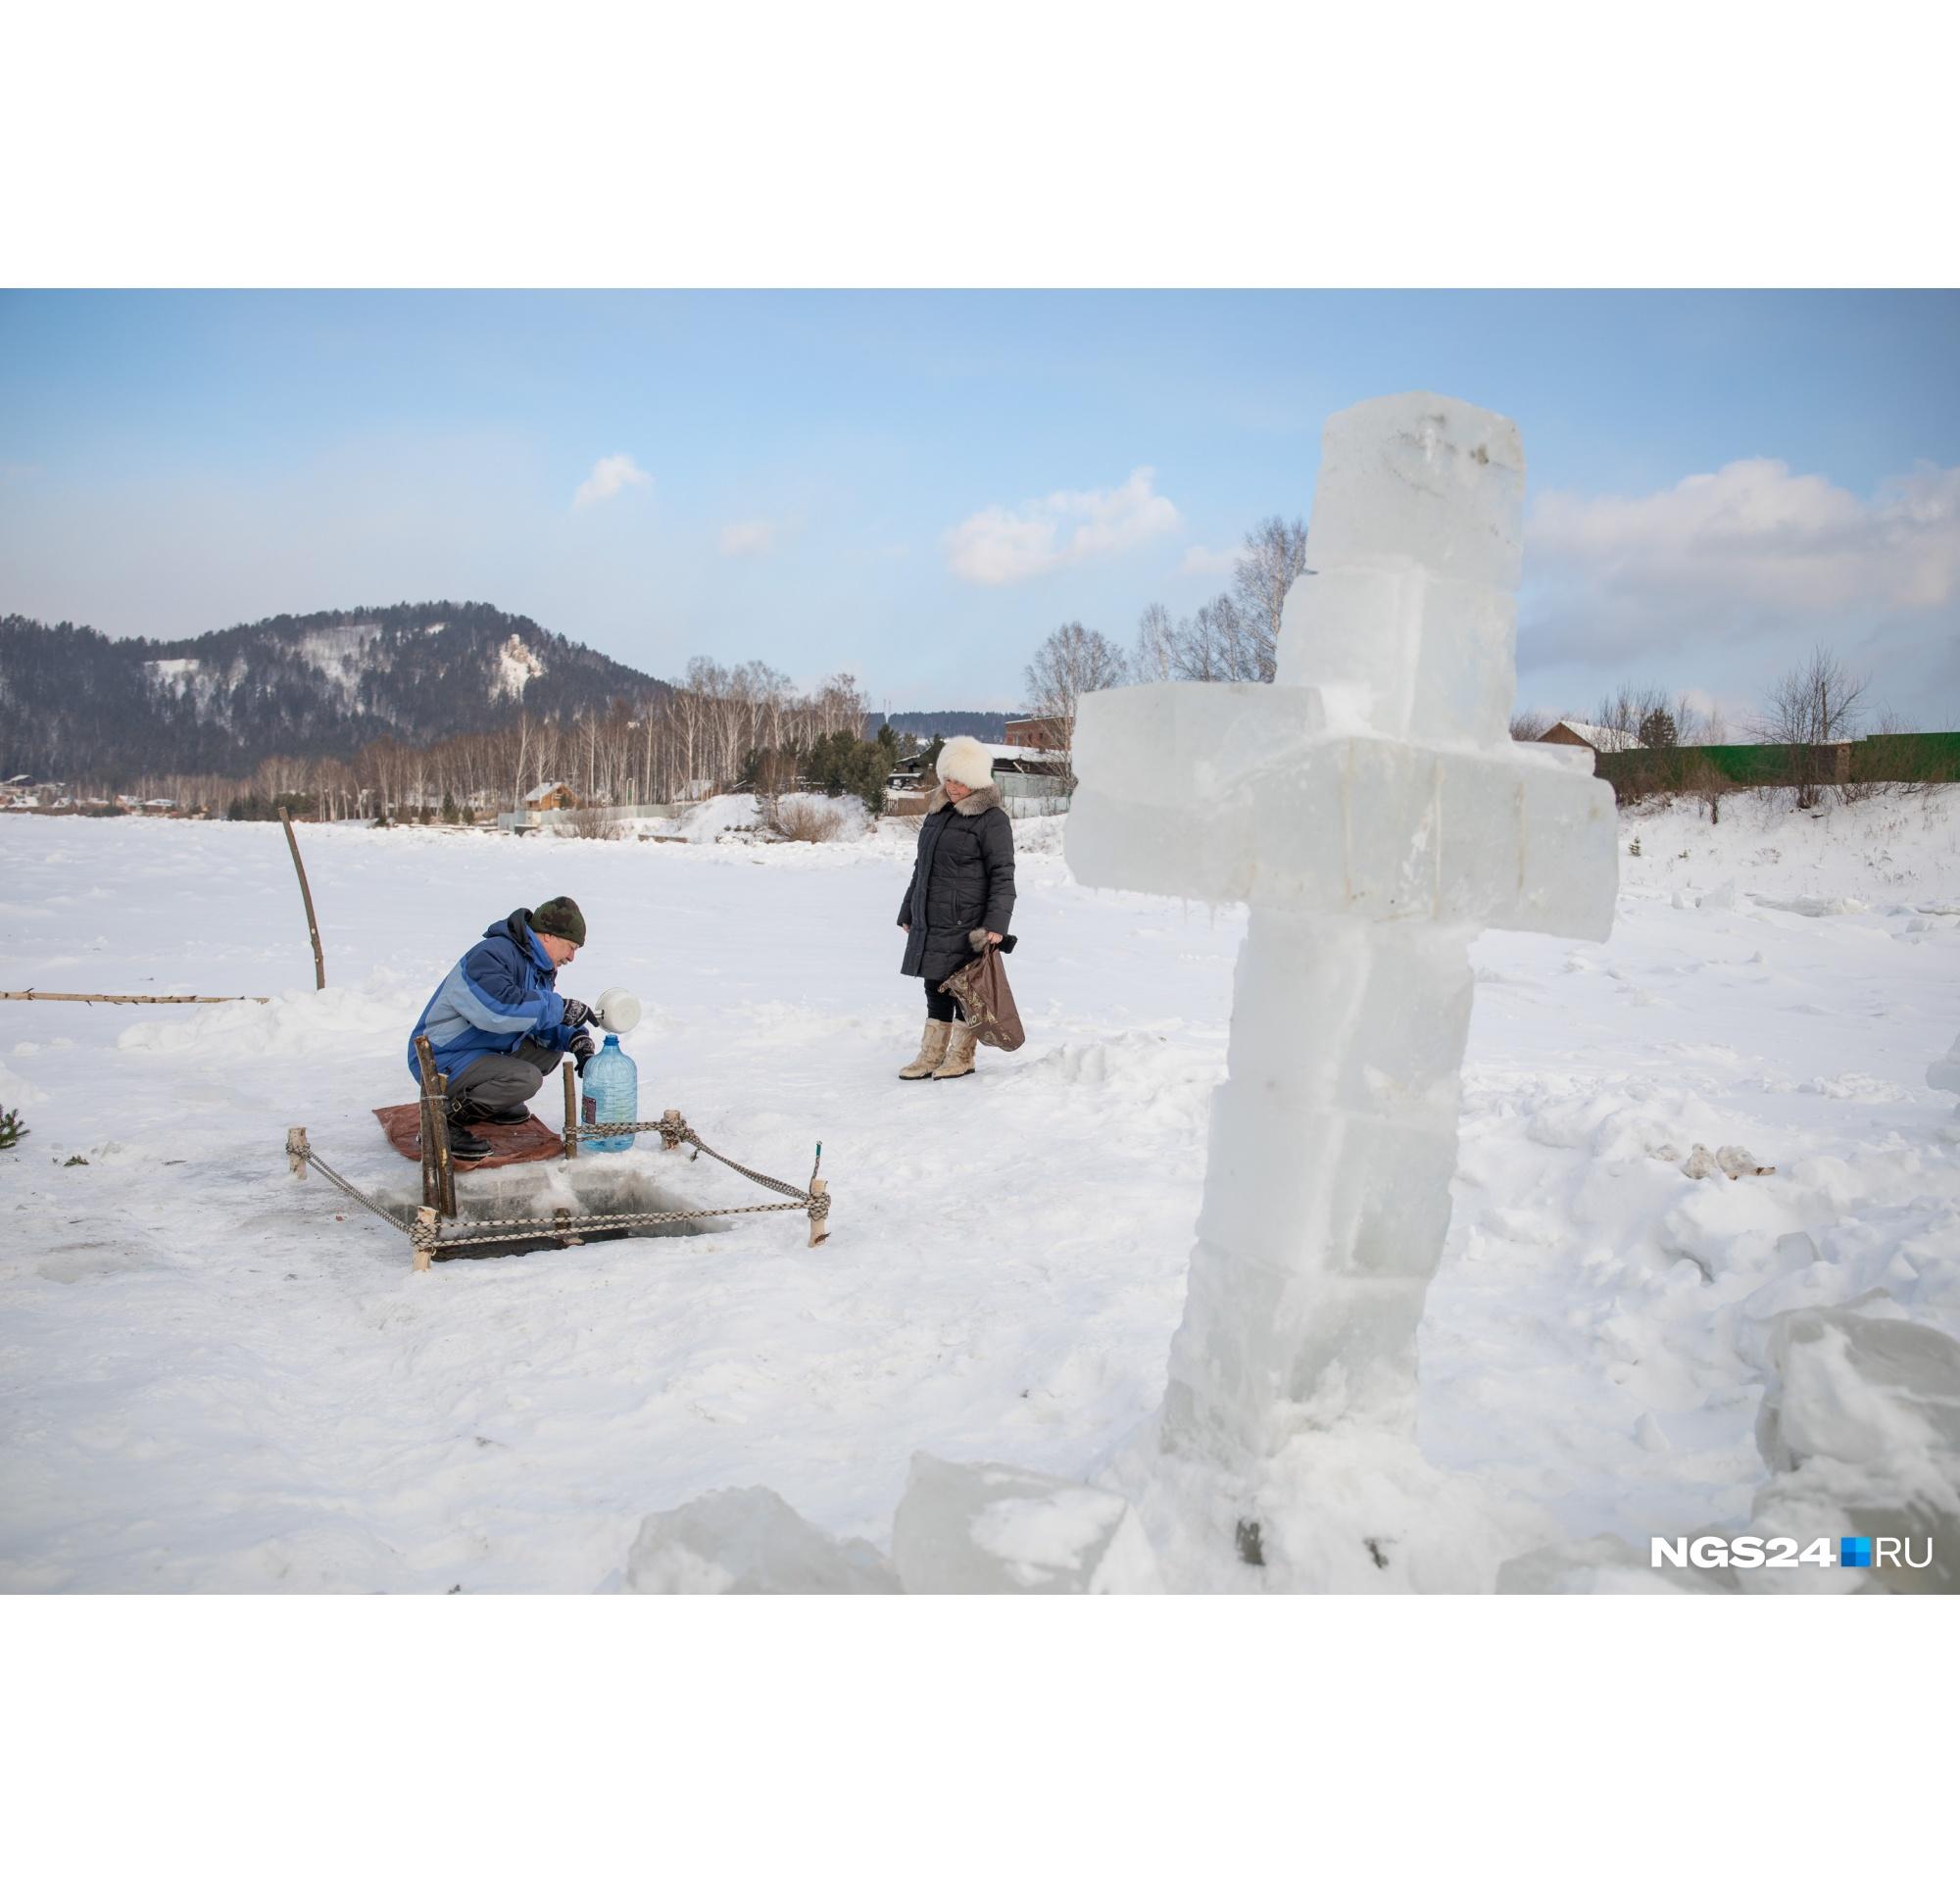 Иордань обозначили ледяным крестом